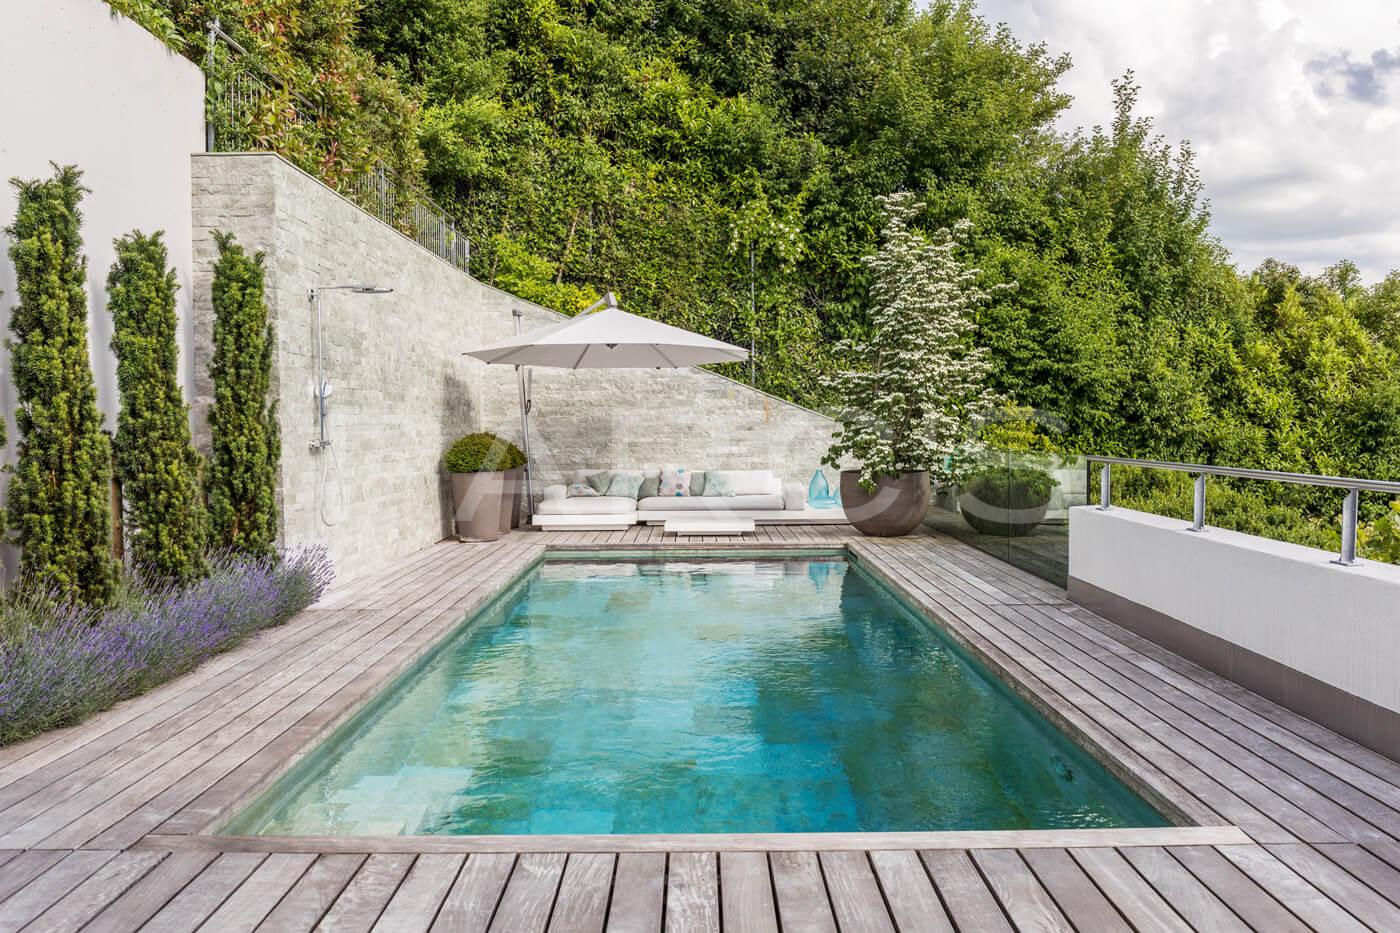 Terrasse mit Pool   PARC'S Gartengestaltung GmbH